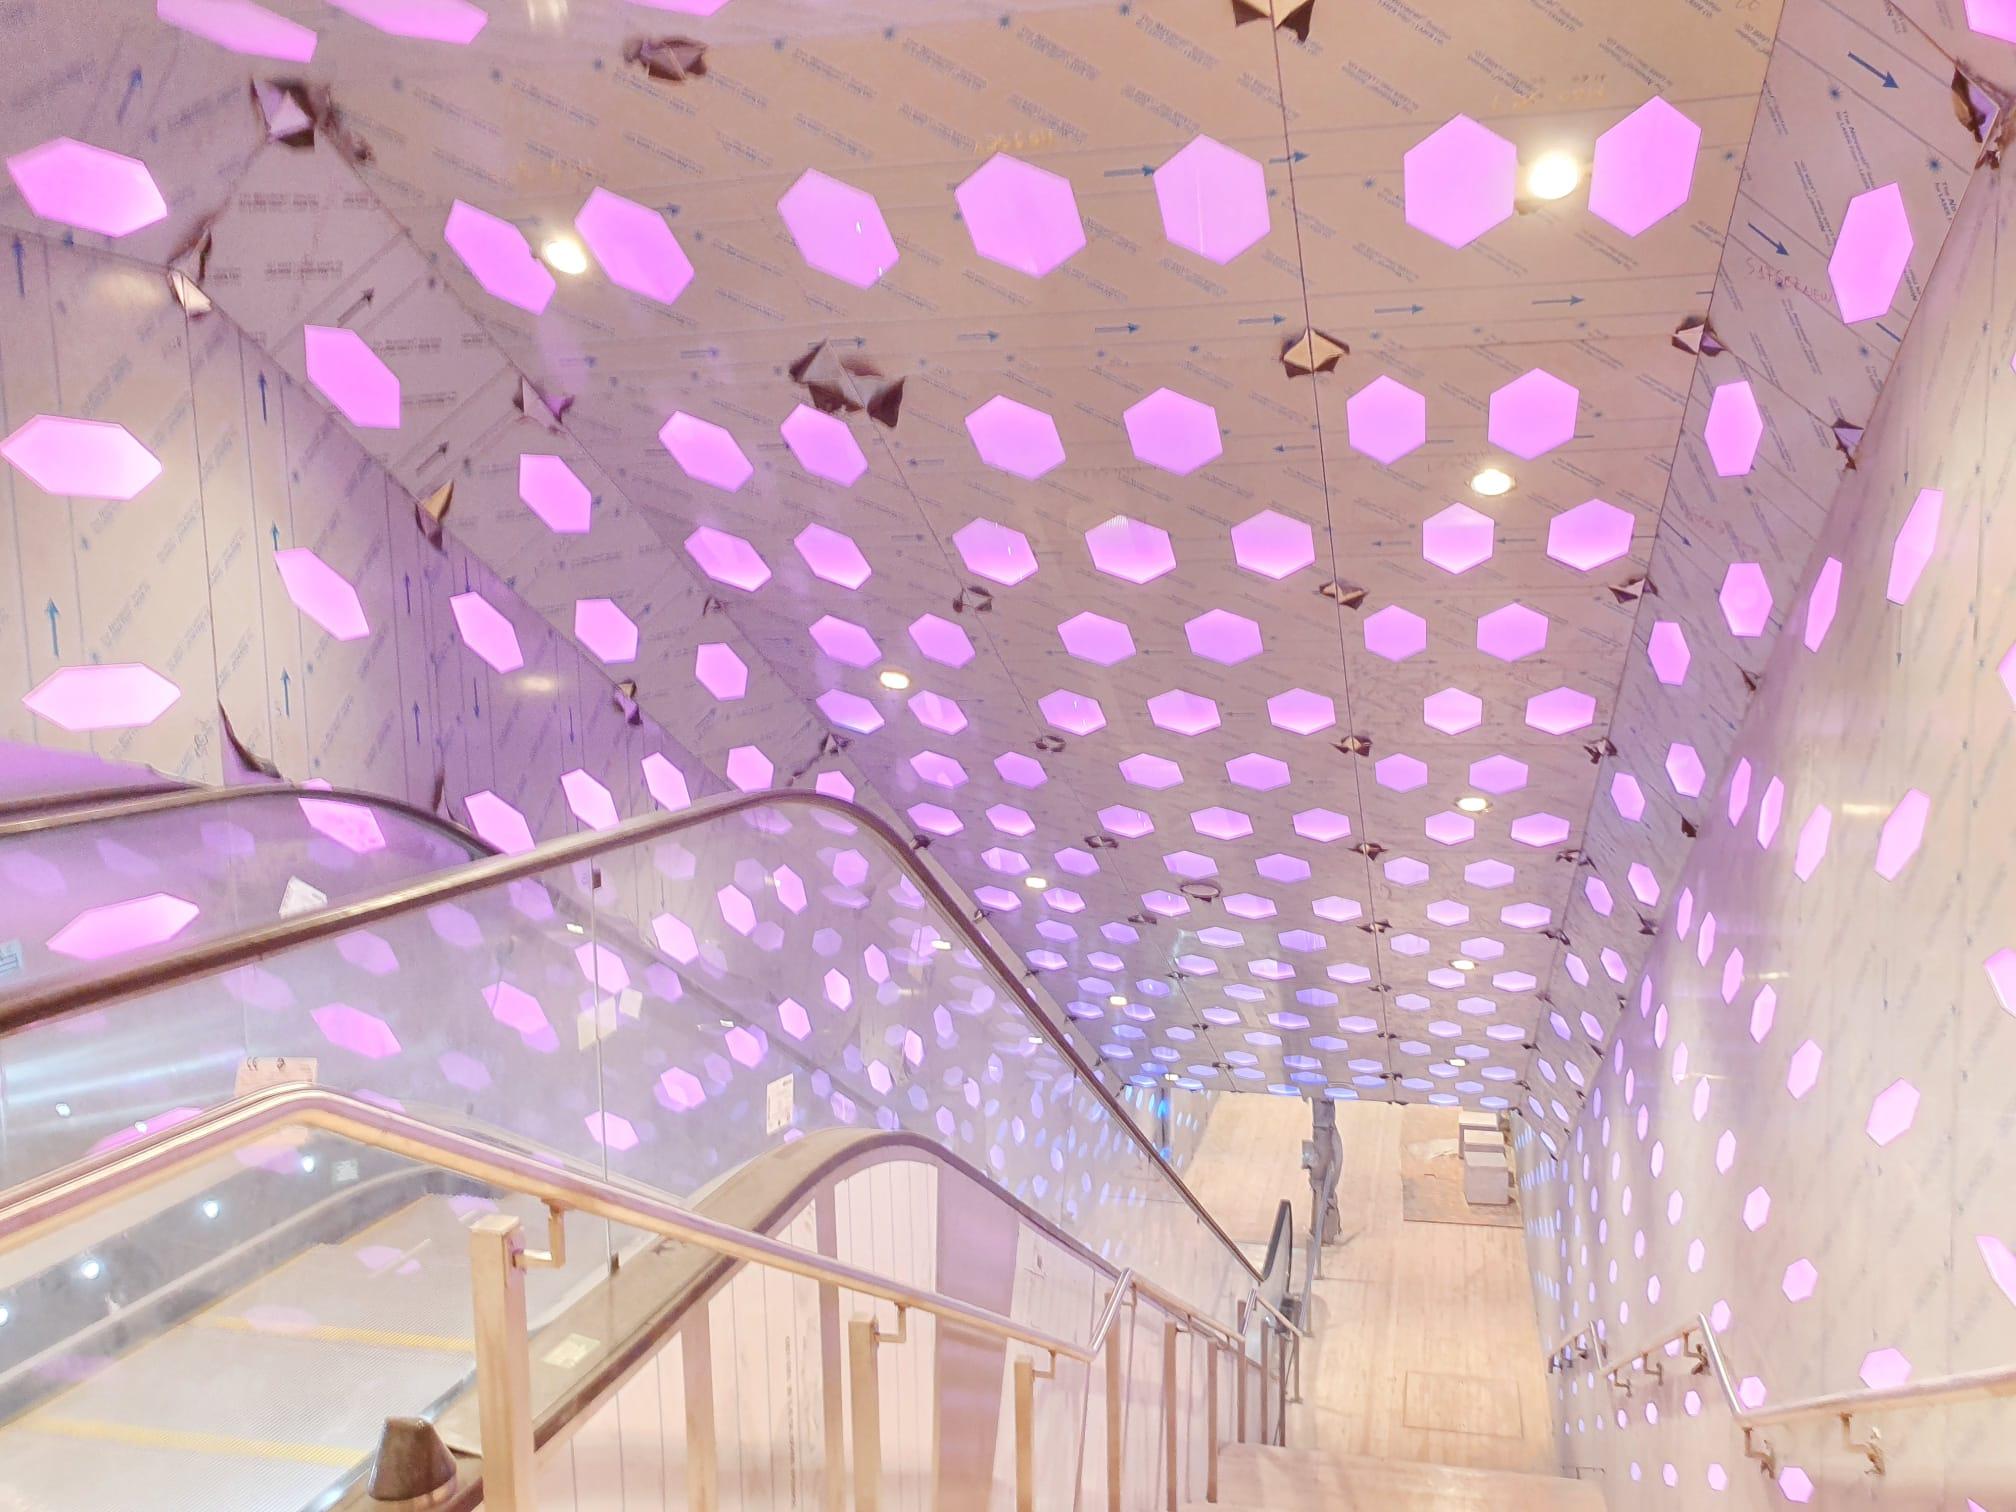 Napoli, apre al pubblico la stazione Duomo della metropolitana, progettata da Fuksas